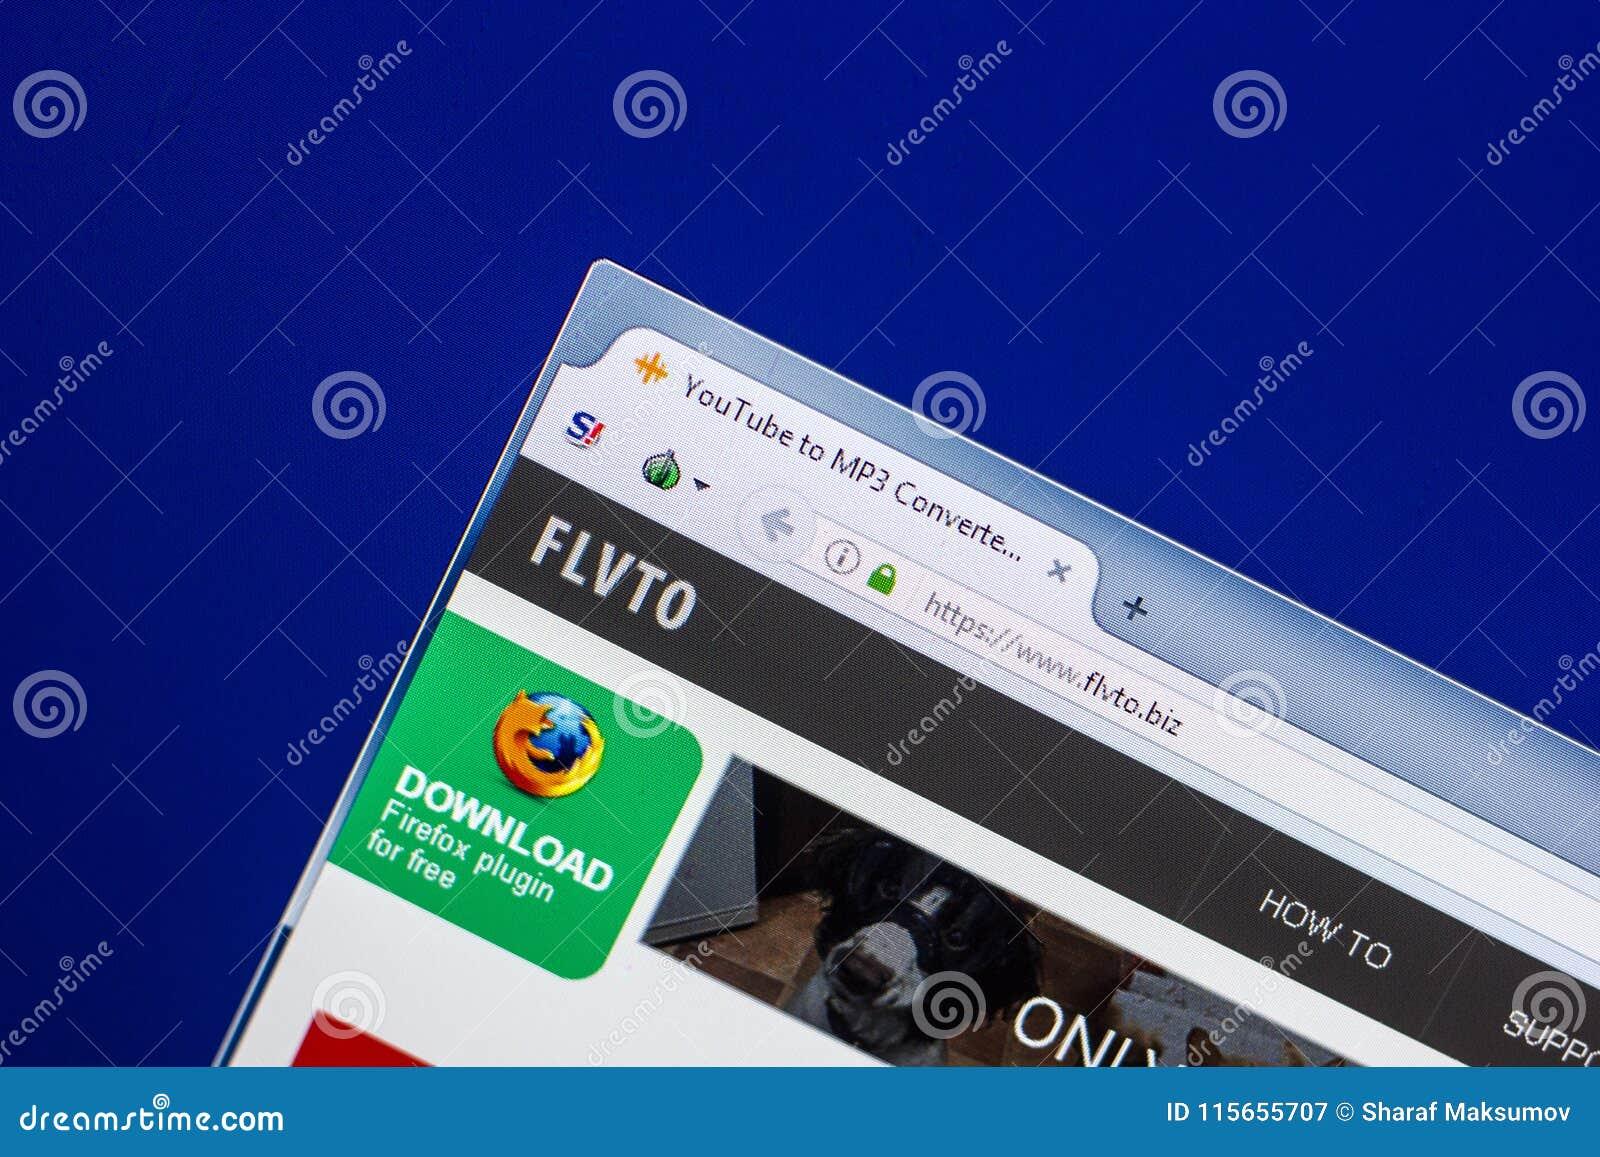 flvto app download for pc